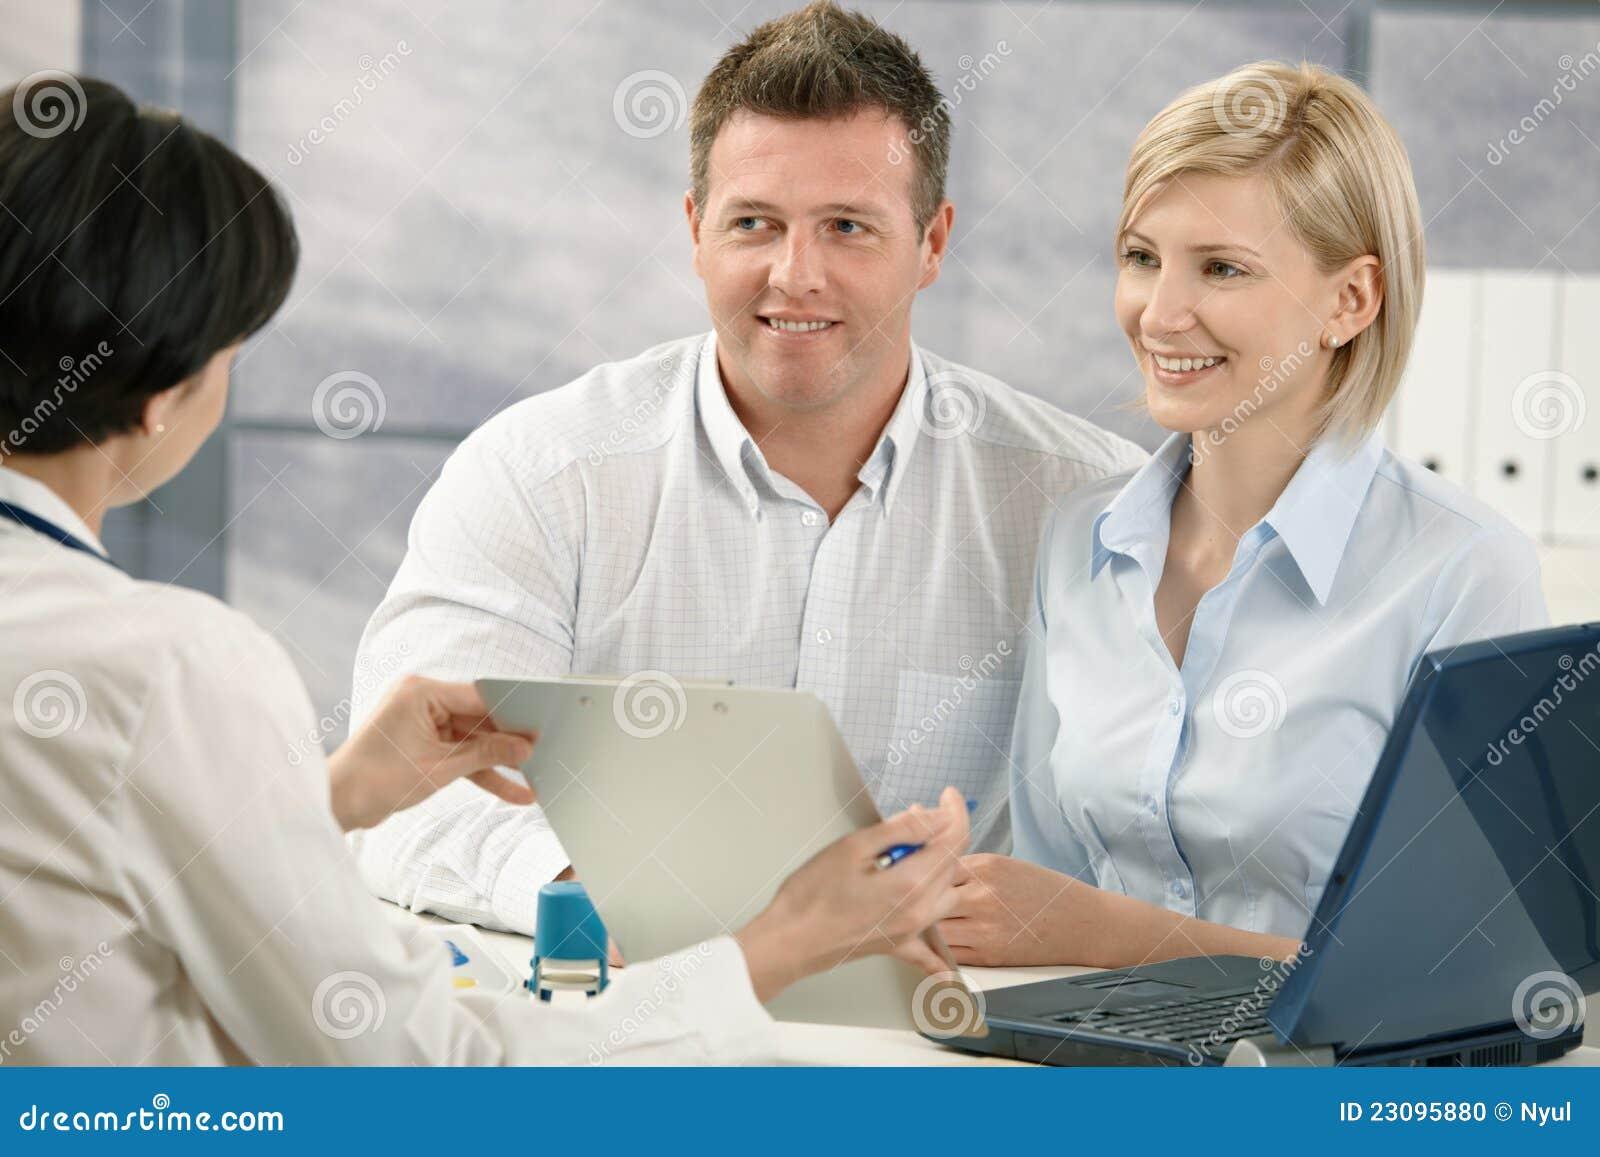 Behandeln Sie das Erklären der medizinischen Diagnose Patienten